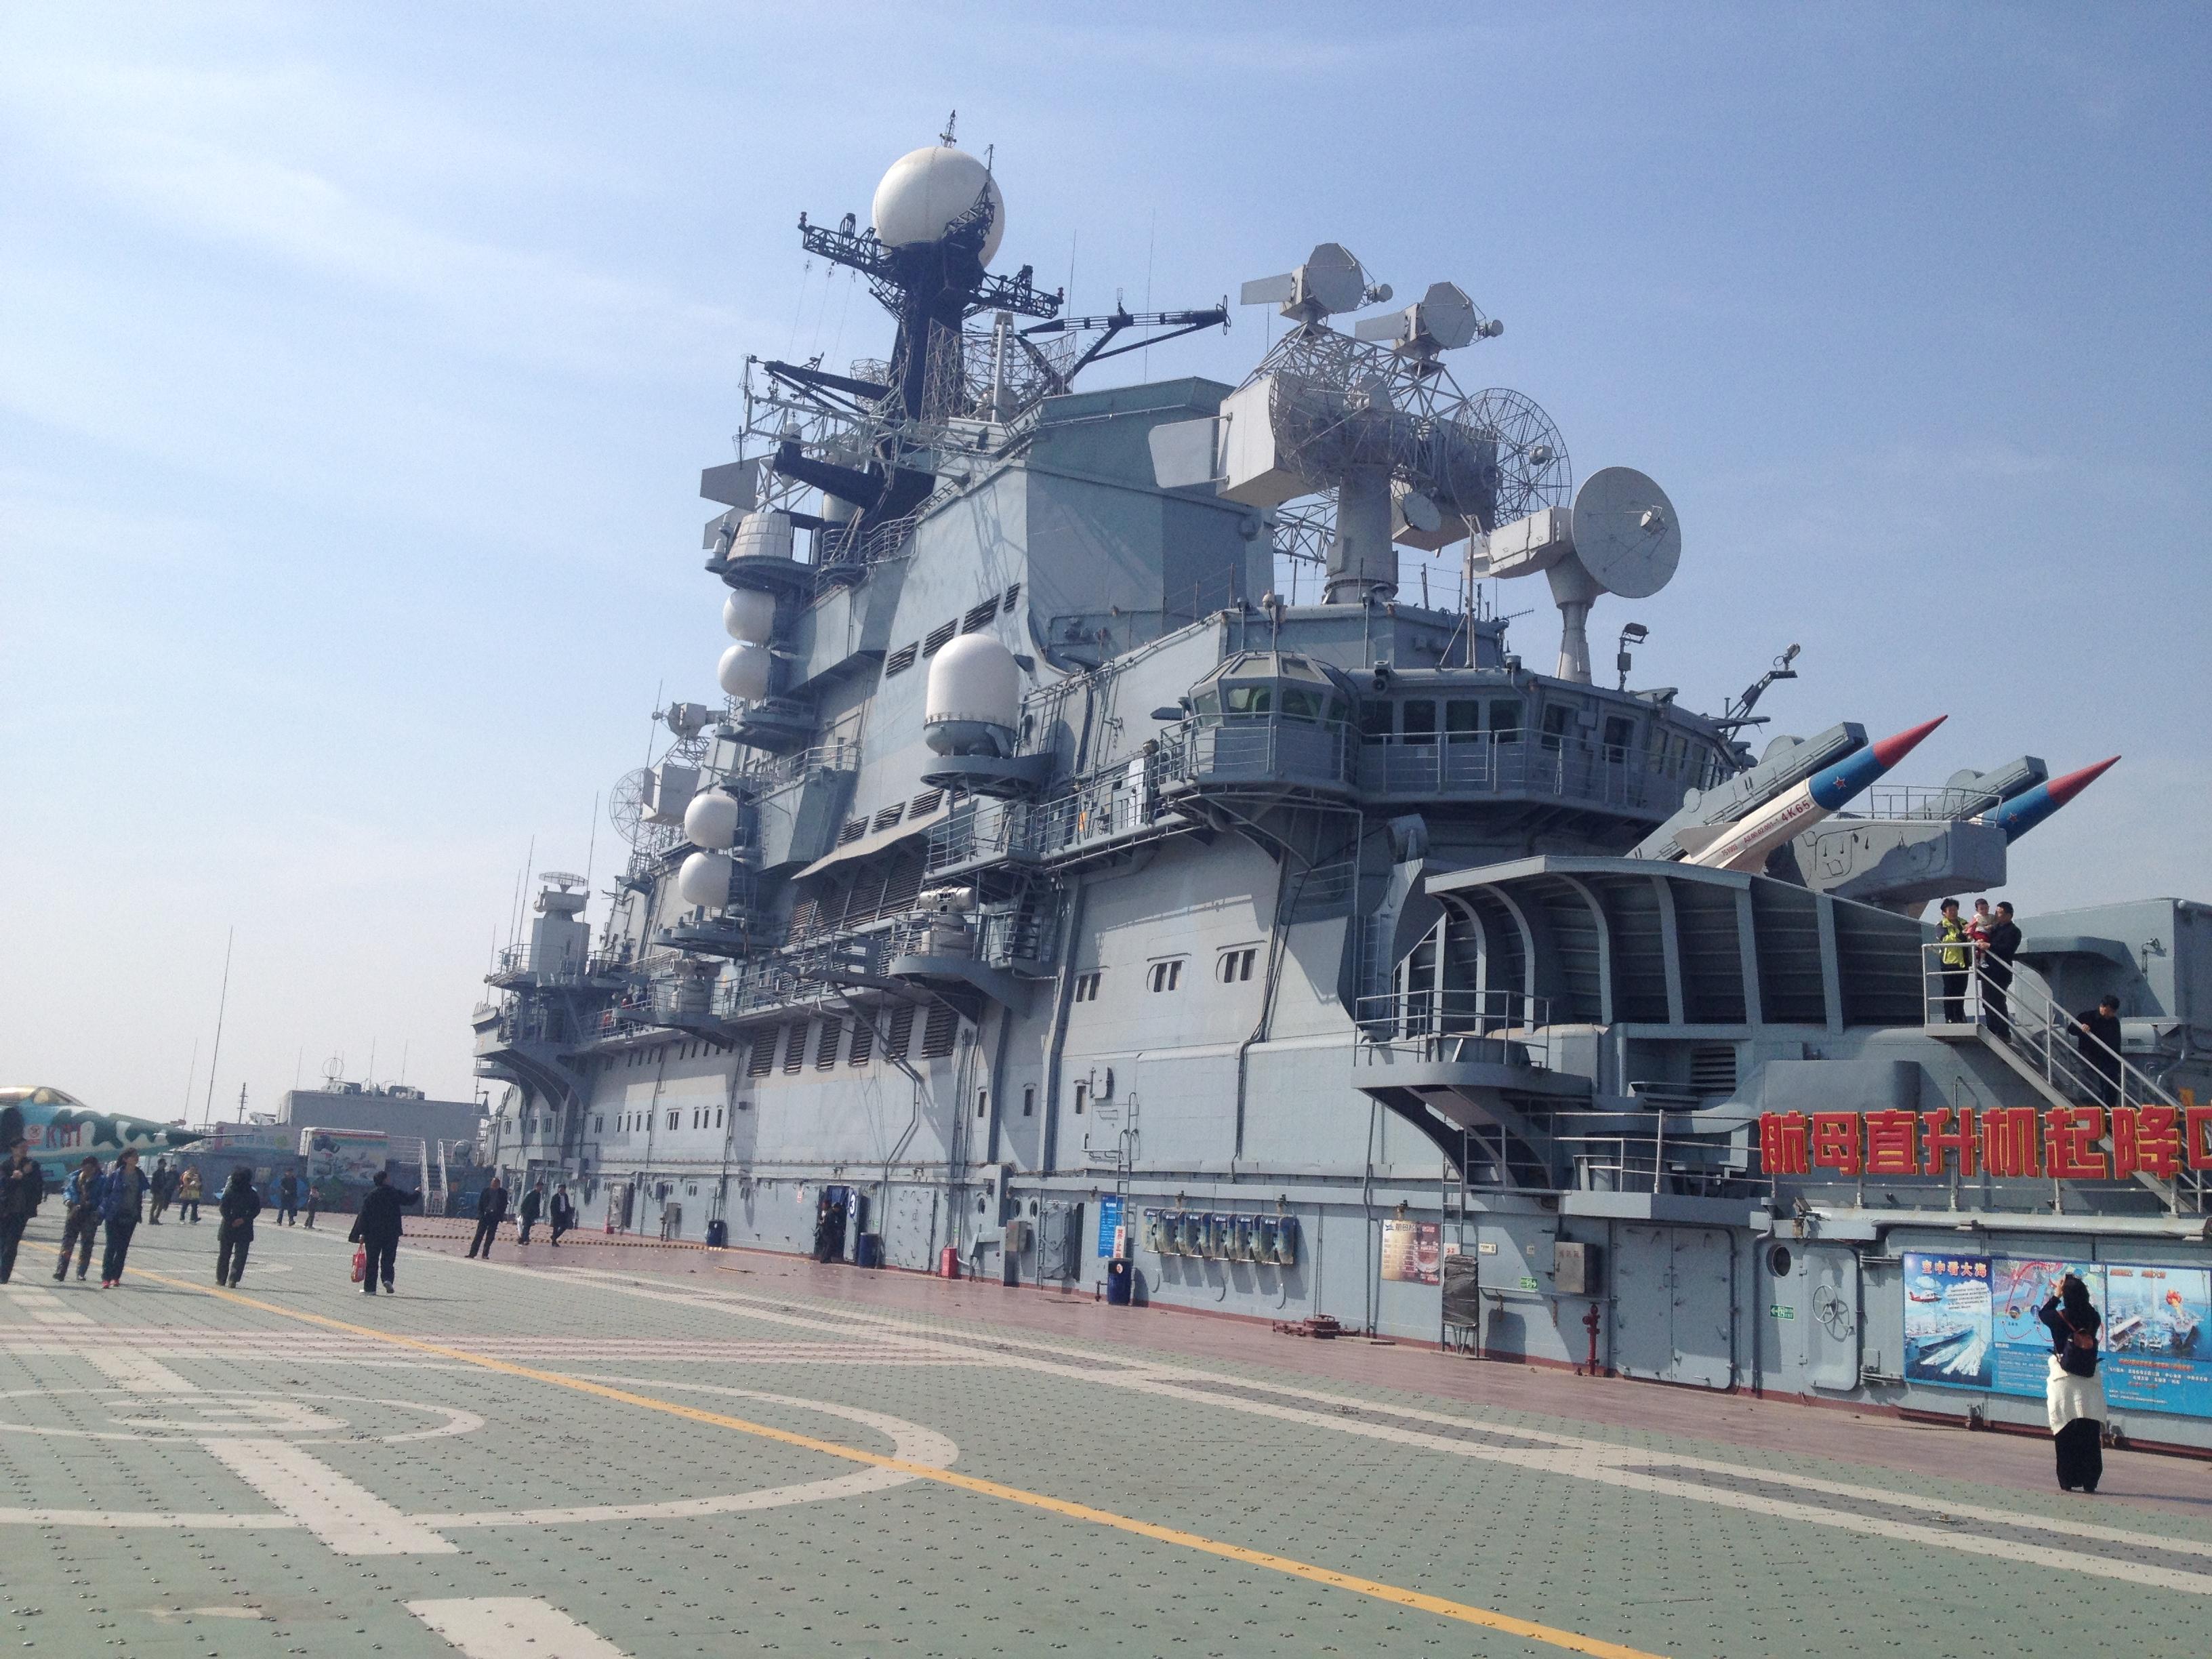 """天津海滨""""基辅""""号航空母舰!-同城话题-爱十堰"""